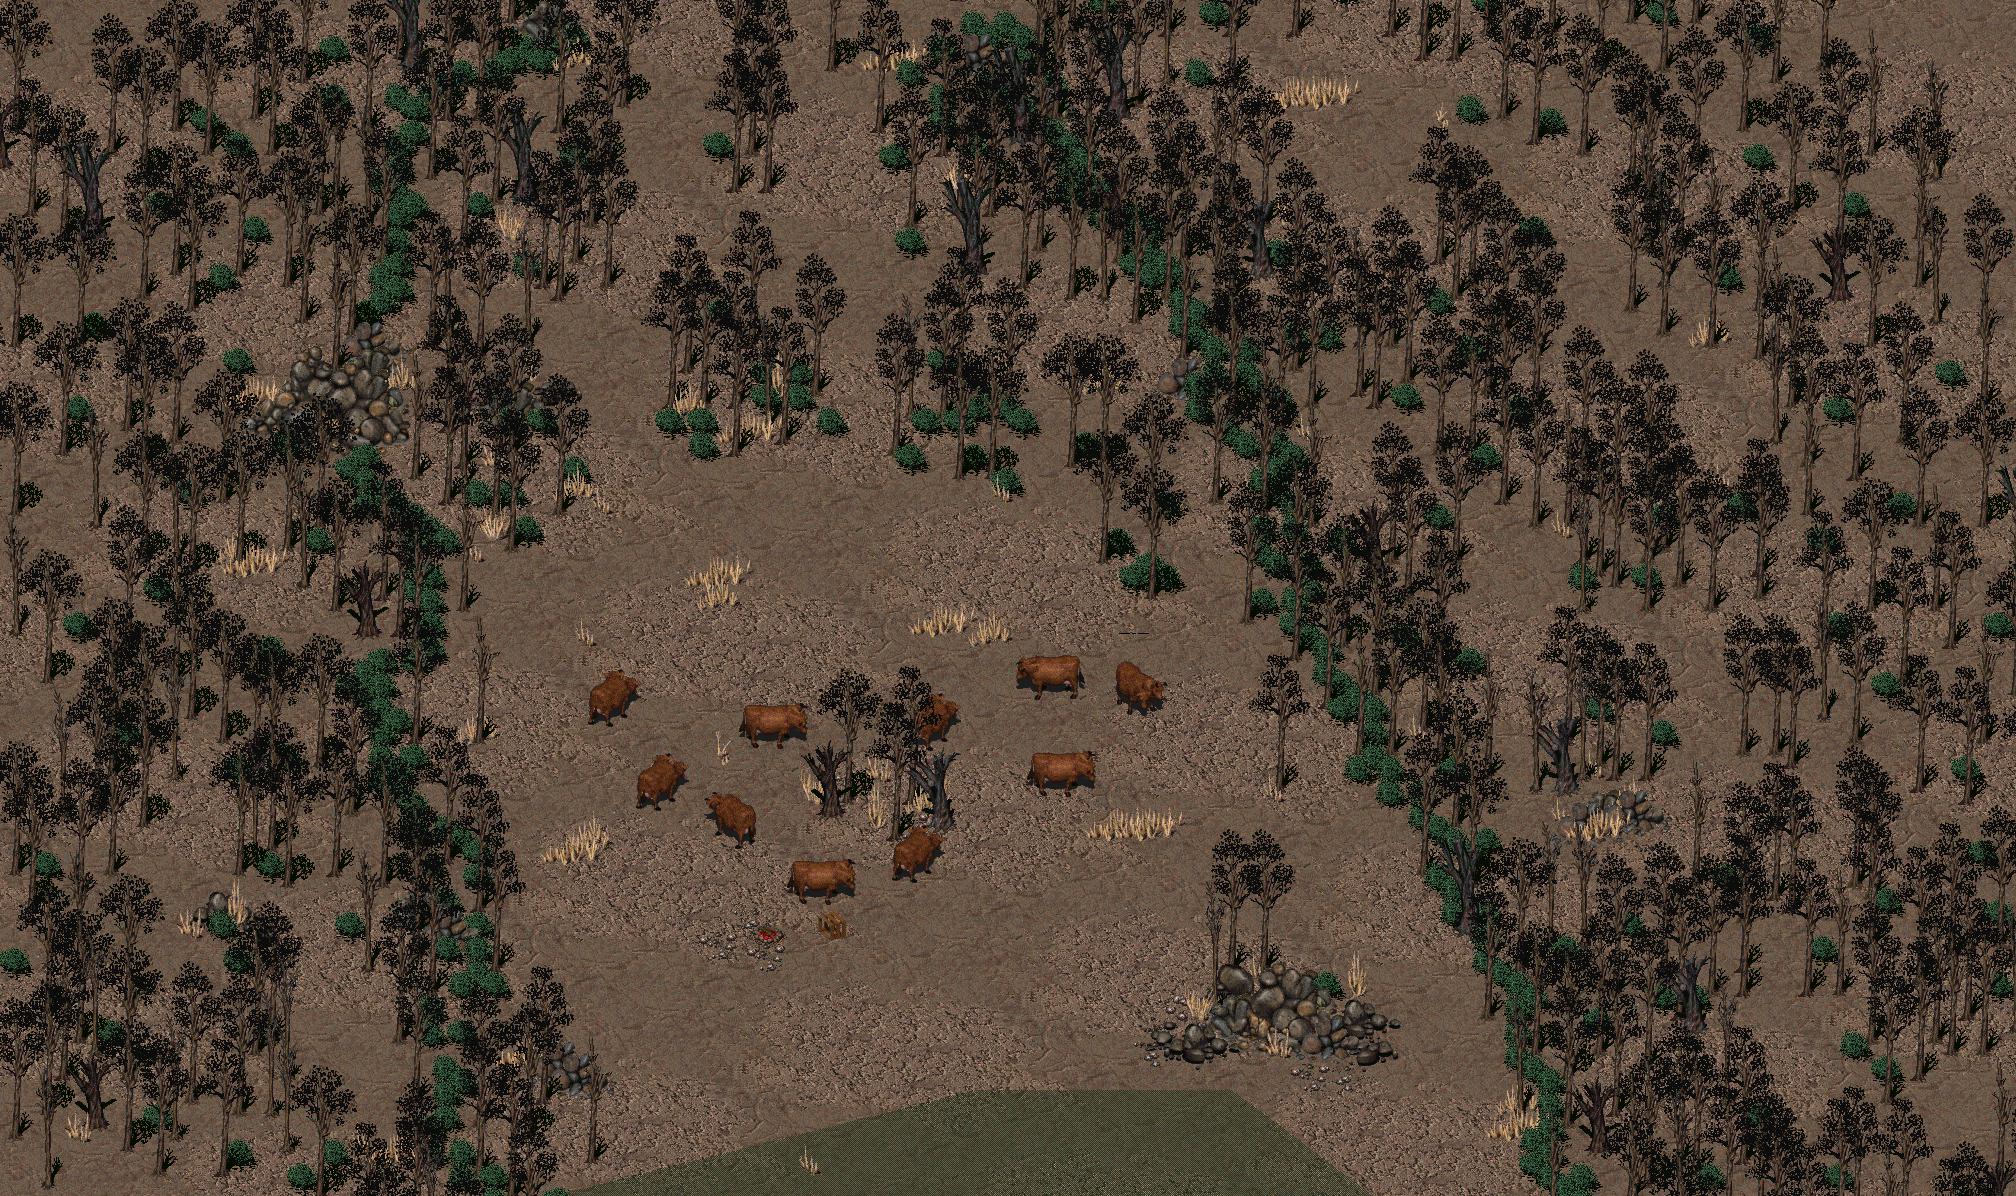 modoc town Modoc - The Fallout wiki